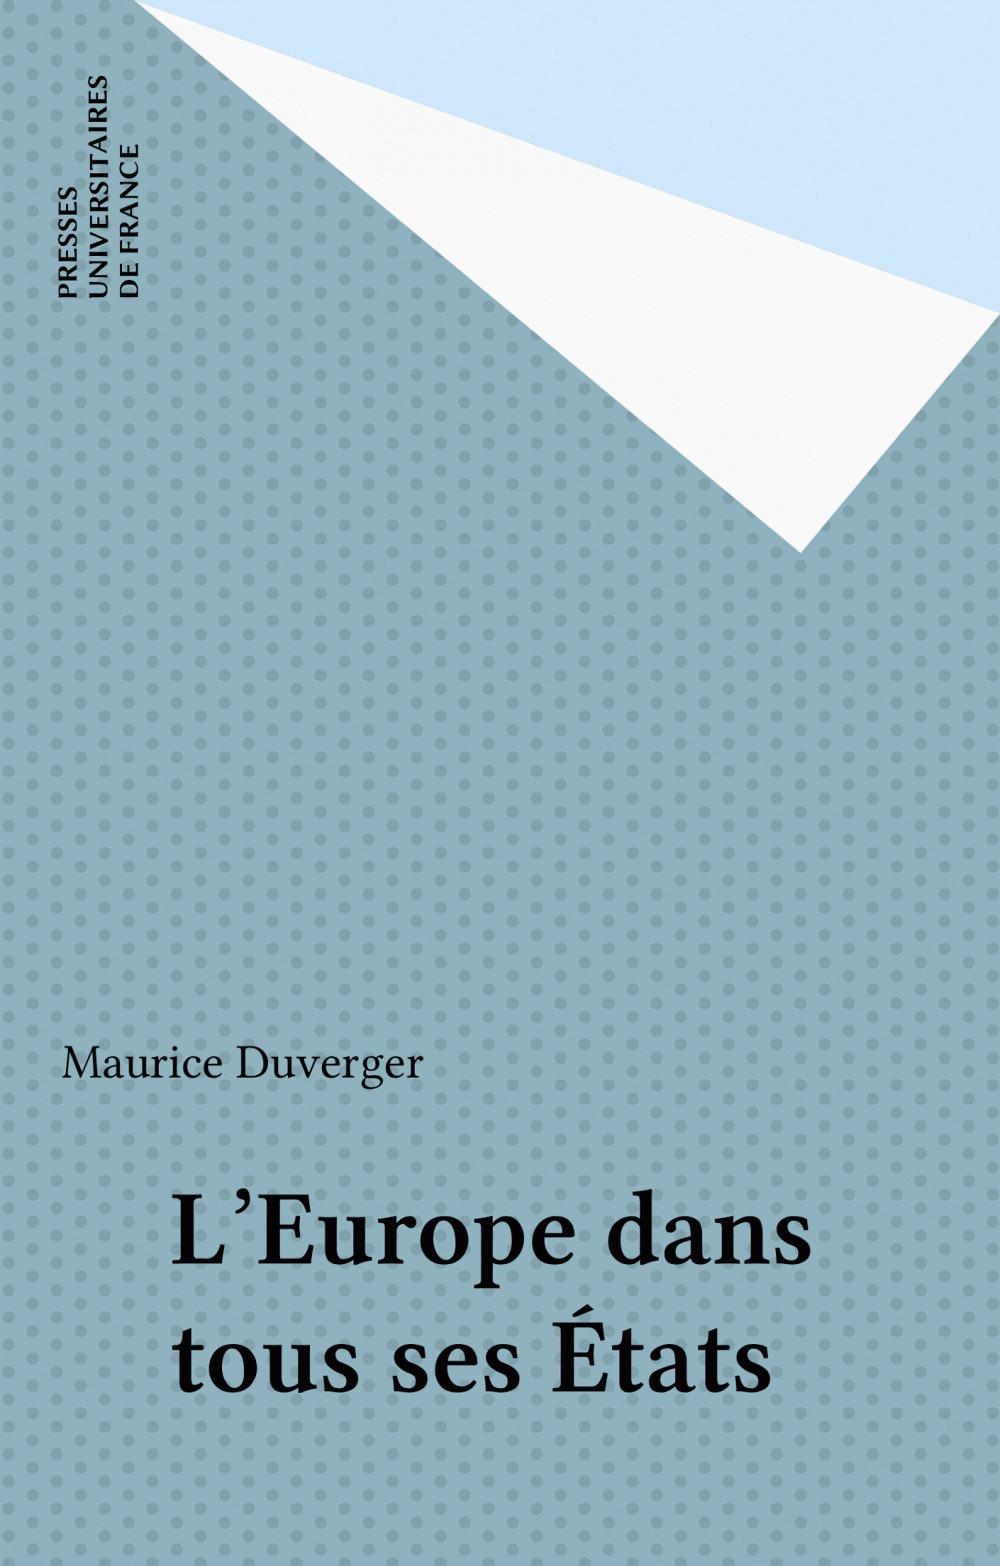 L'europe dans tous ses etats